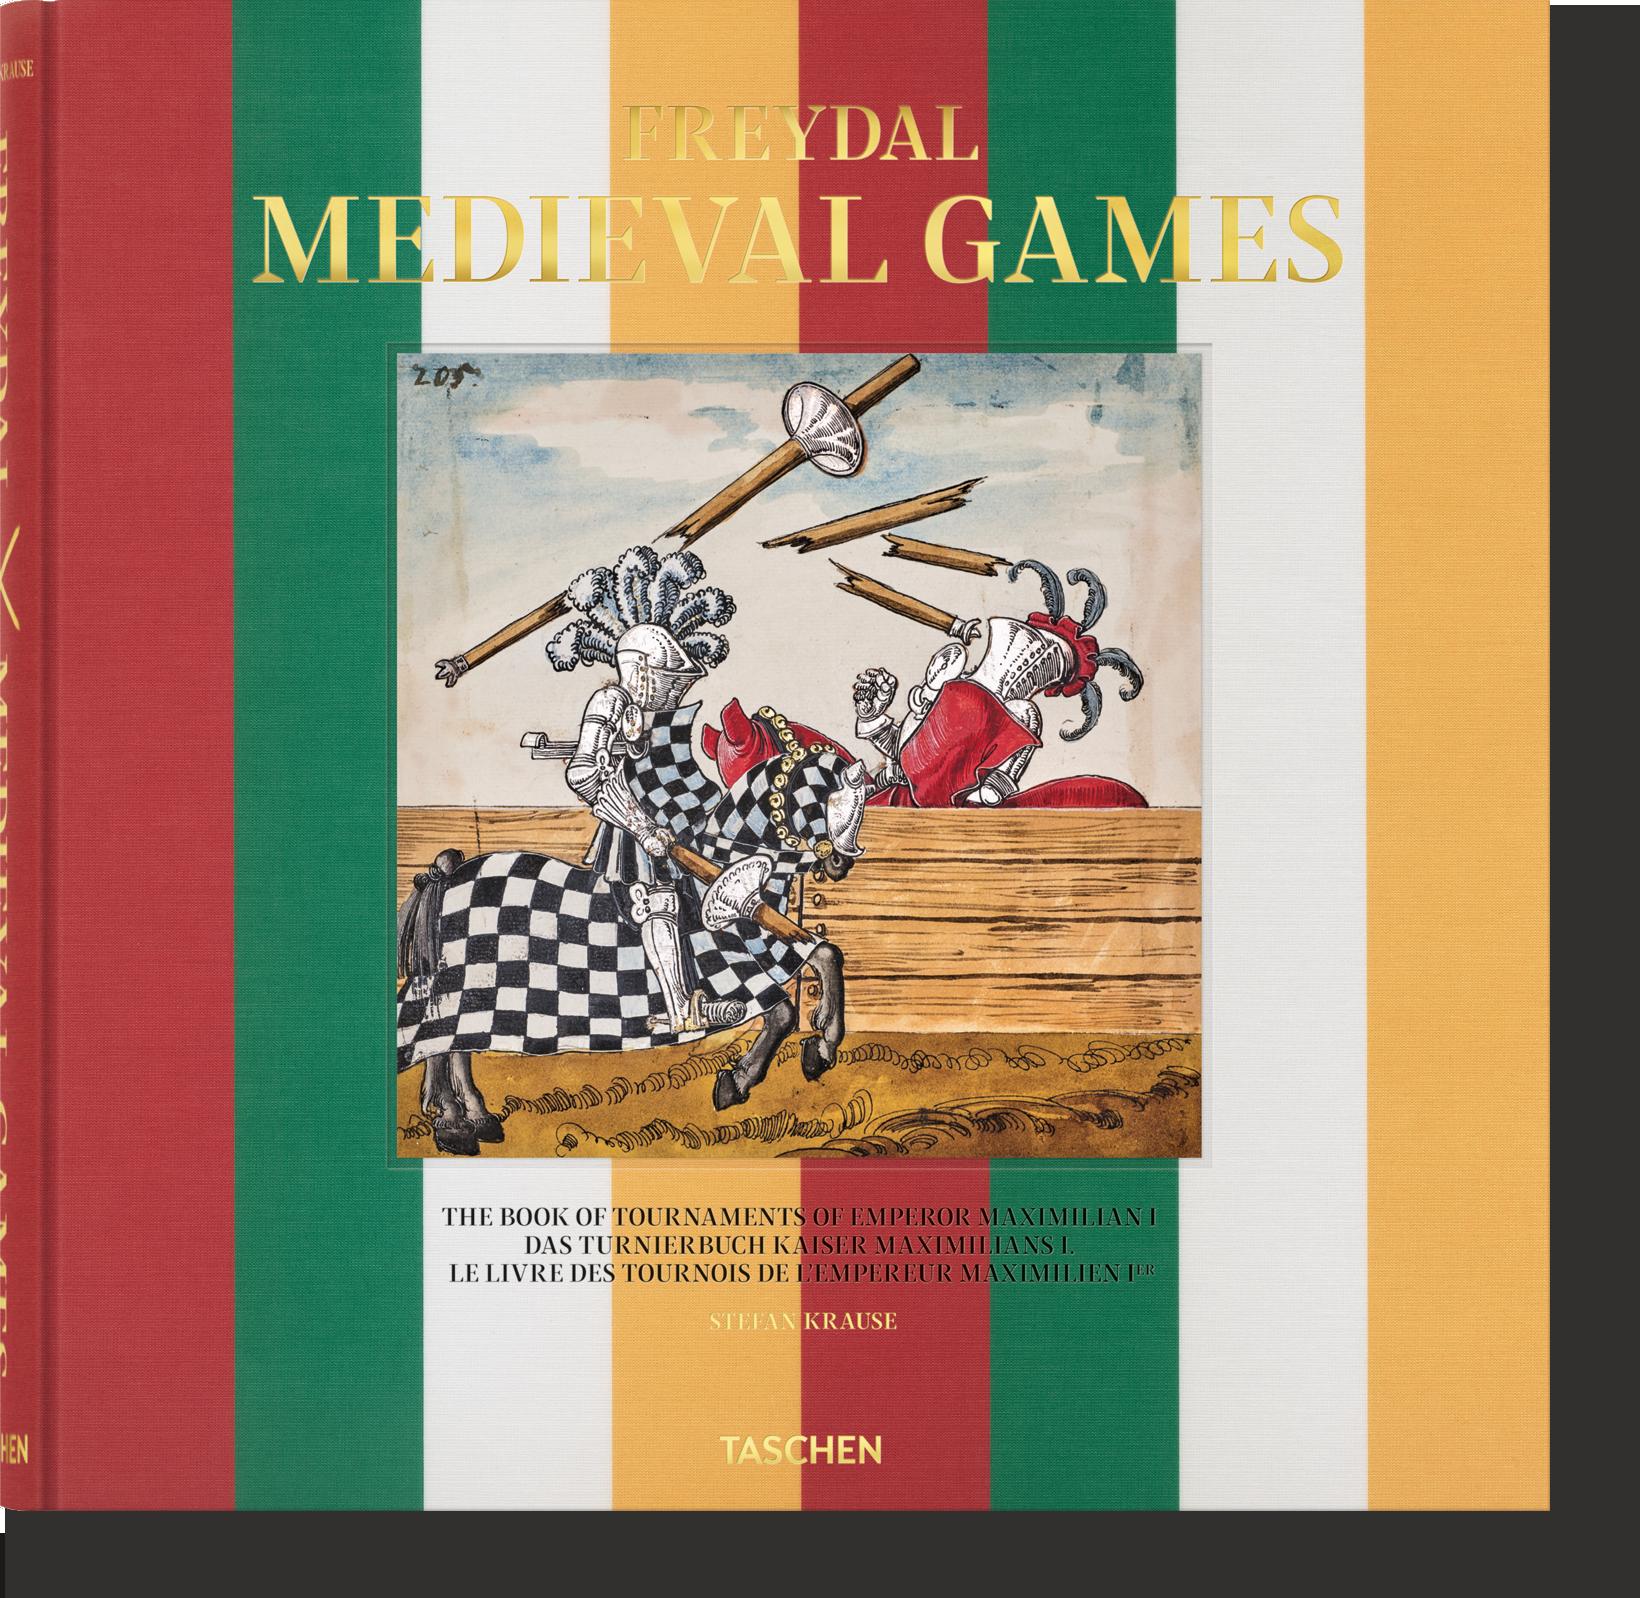 Freydal. Medieval Games - Krause Stefan